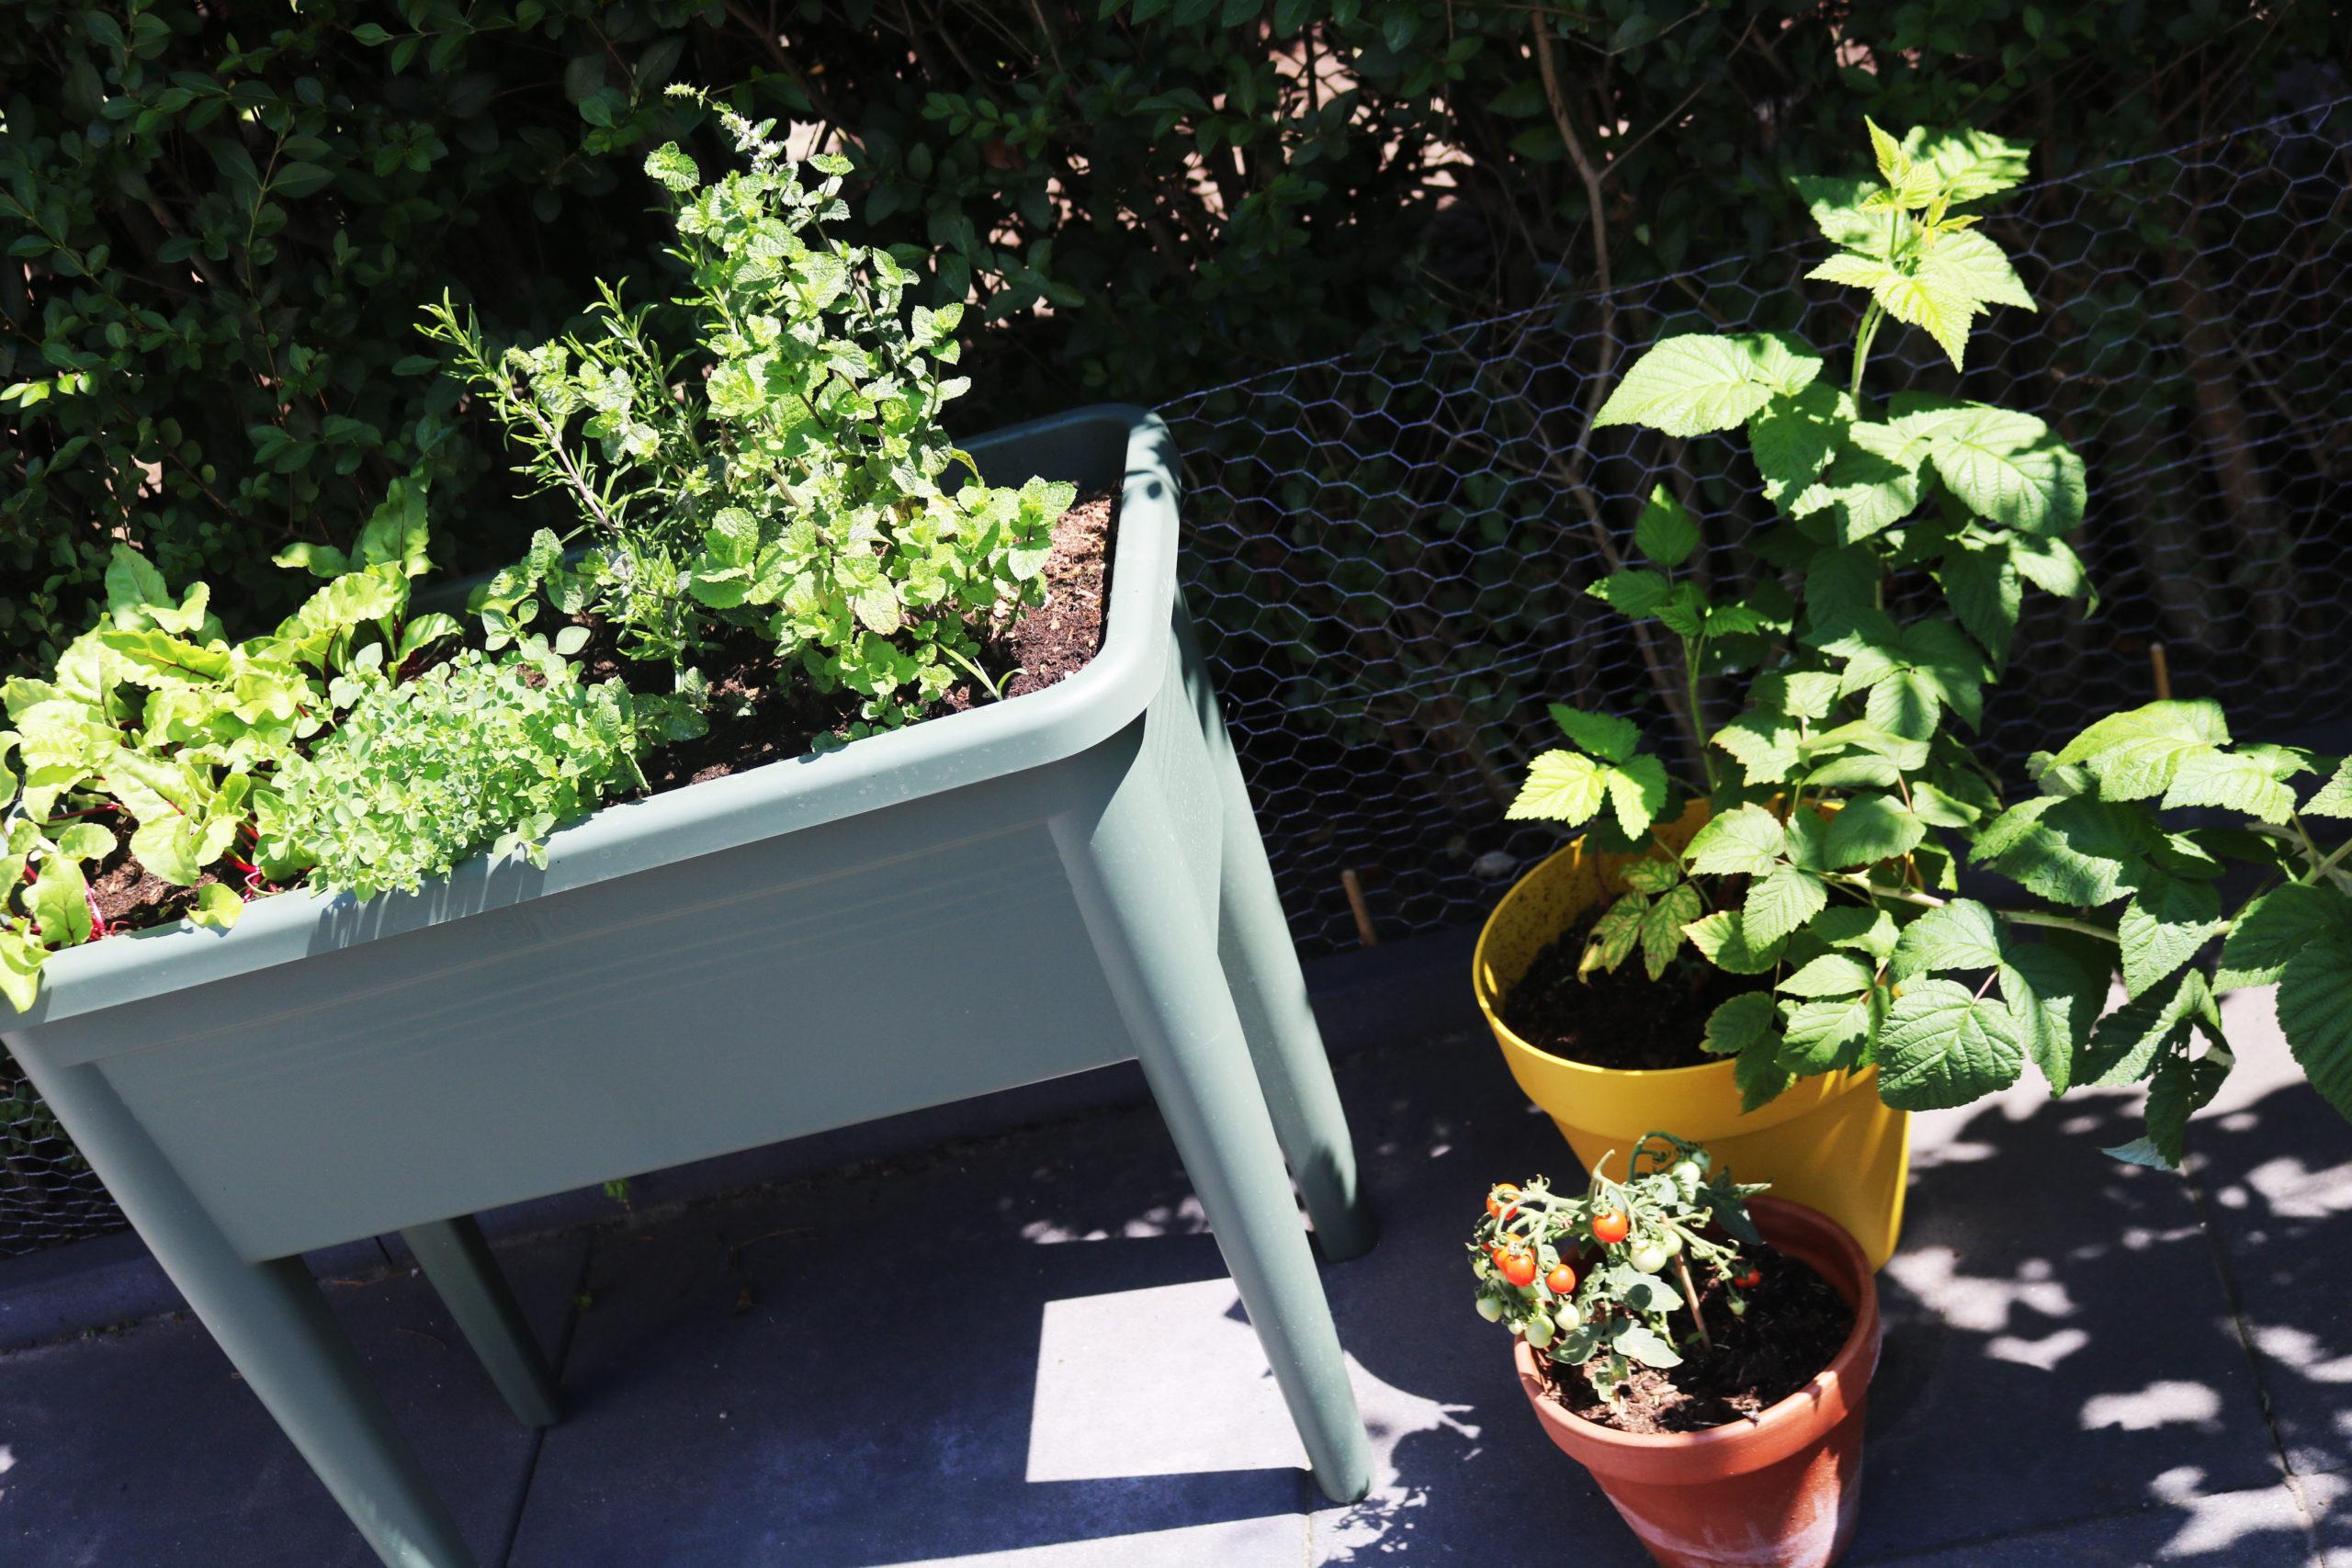 Een kijkje in mijn eigen groene tuintje!